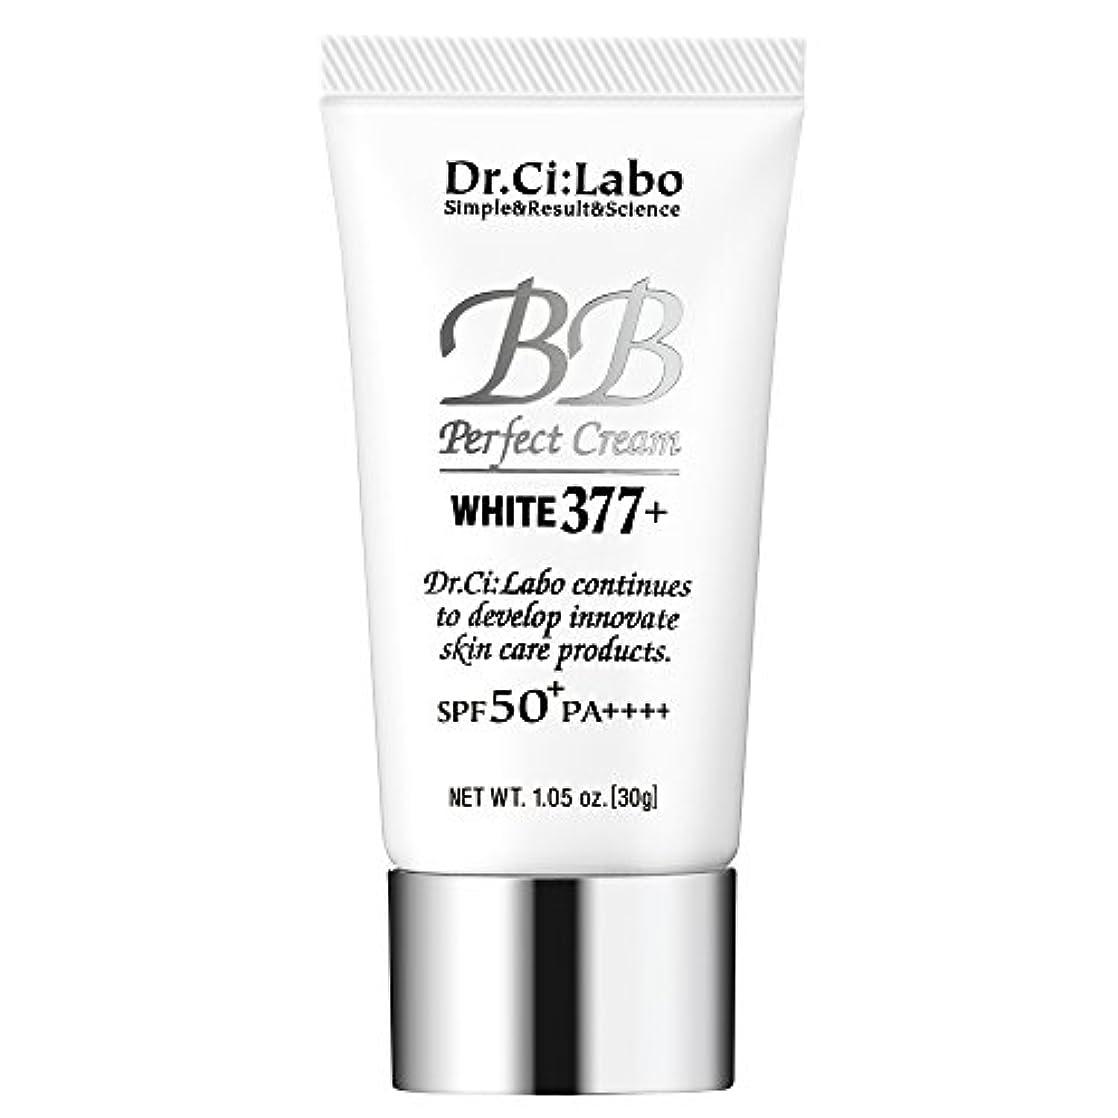 原因ナース感度ドクターシーラボ BBパーフェクトクリーム ホワイト377+ 30g 多機能ファンデーション 化粧下地